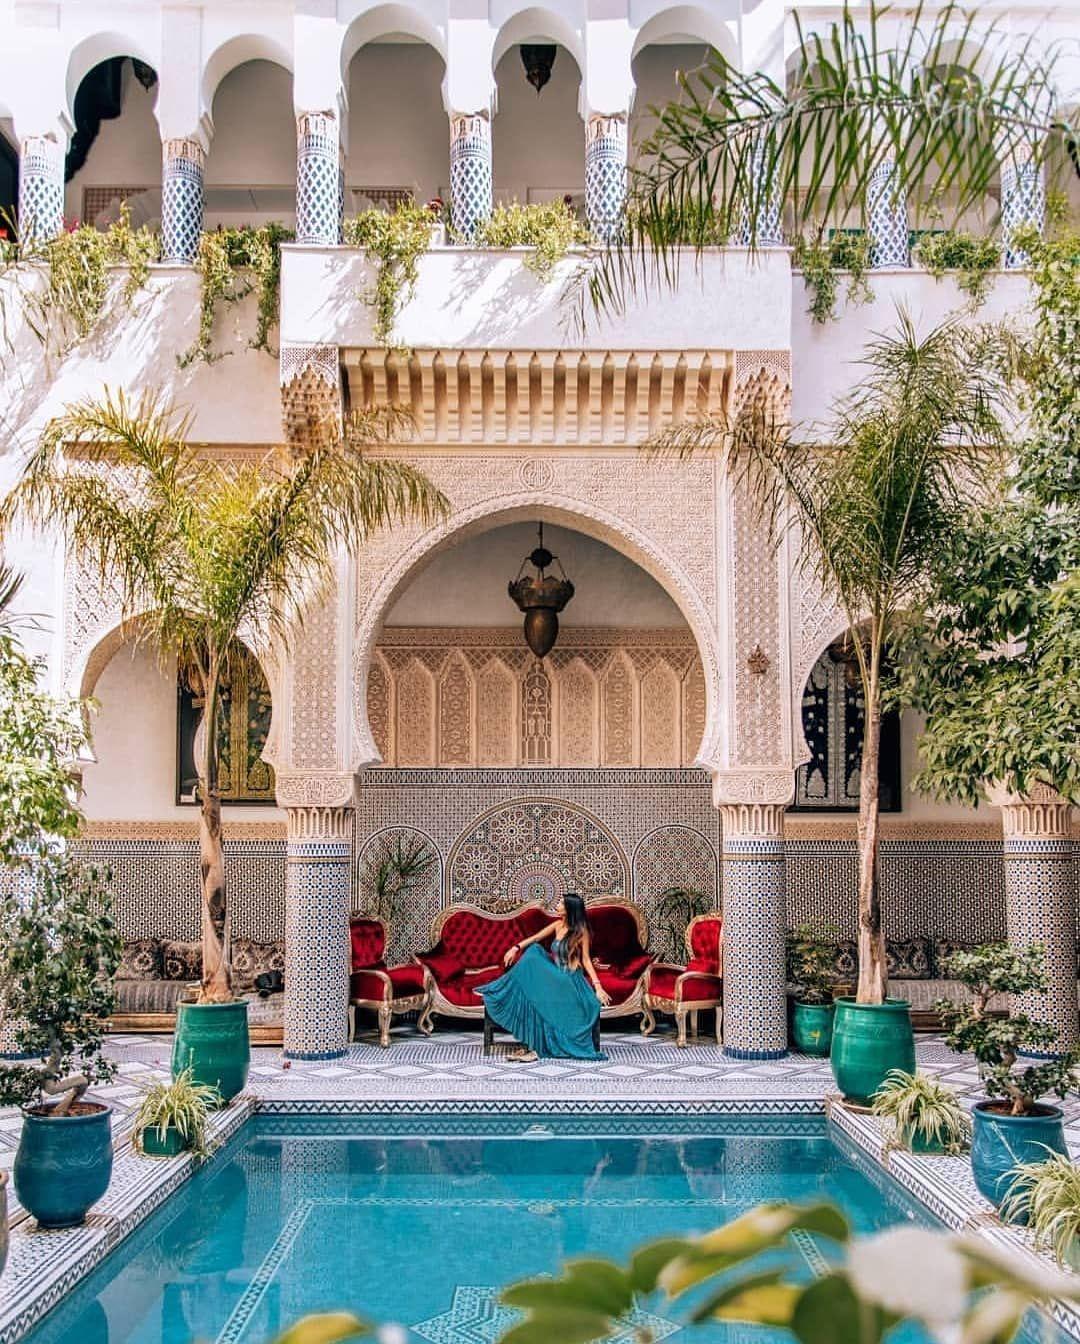 Marrakech Marrocos Marraquexe Moroccan Houses Morrocan Architecture Morrocan House